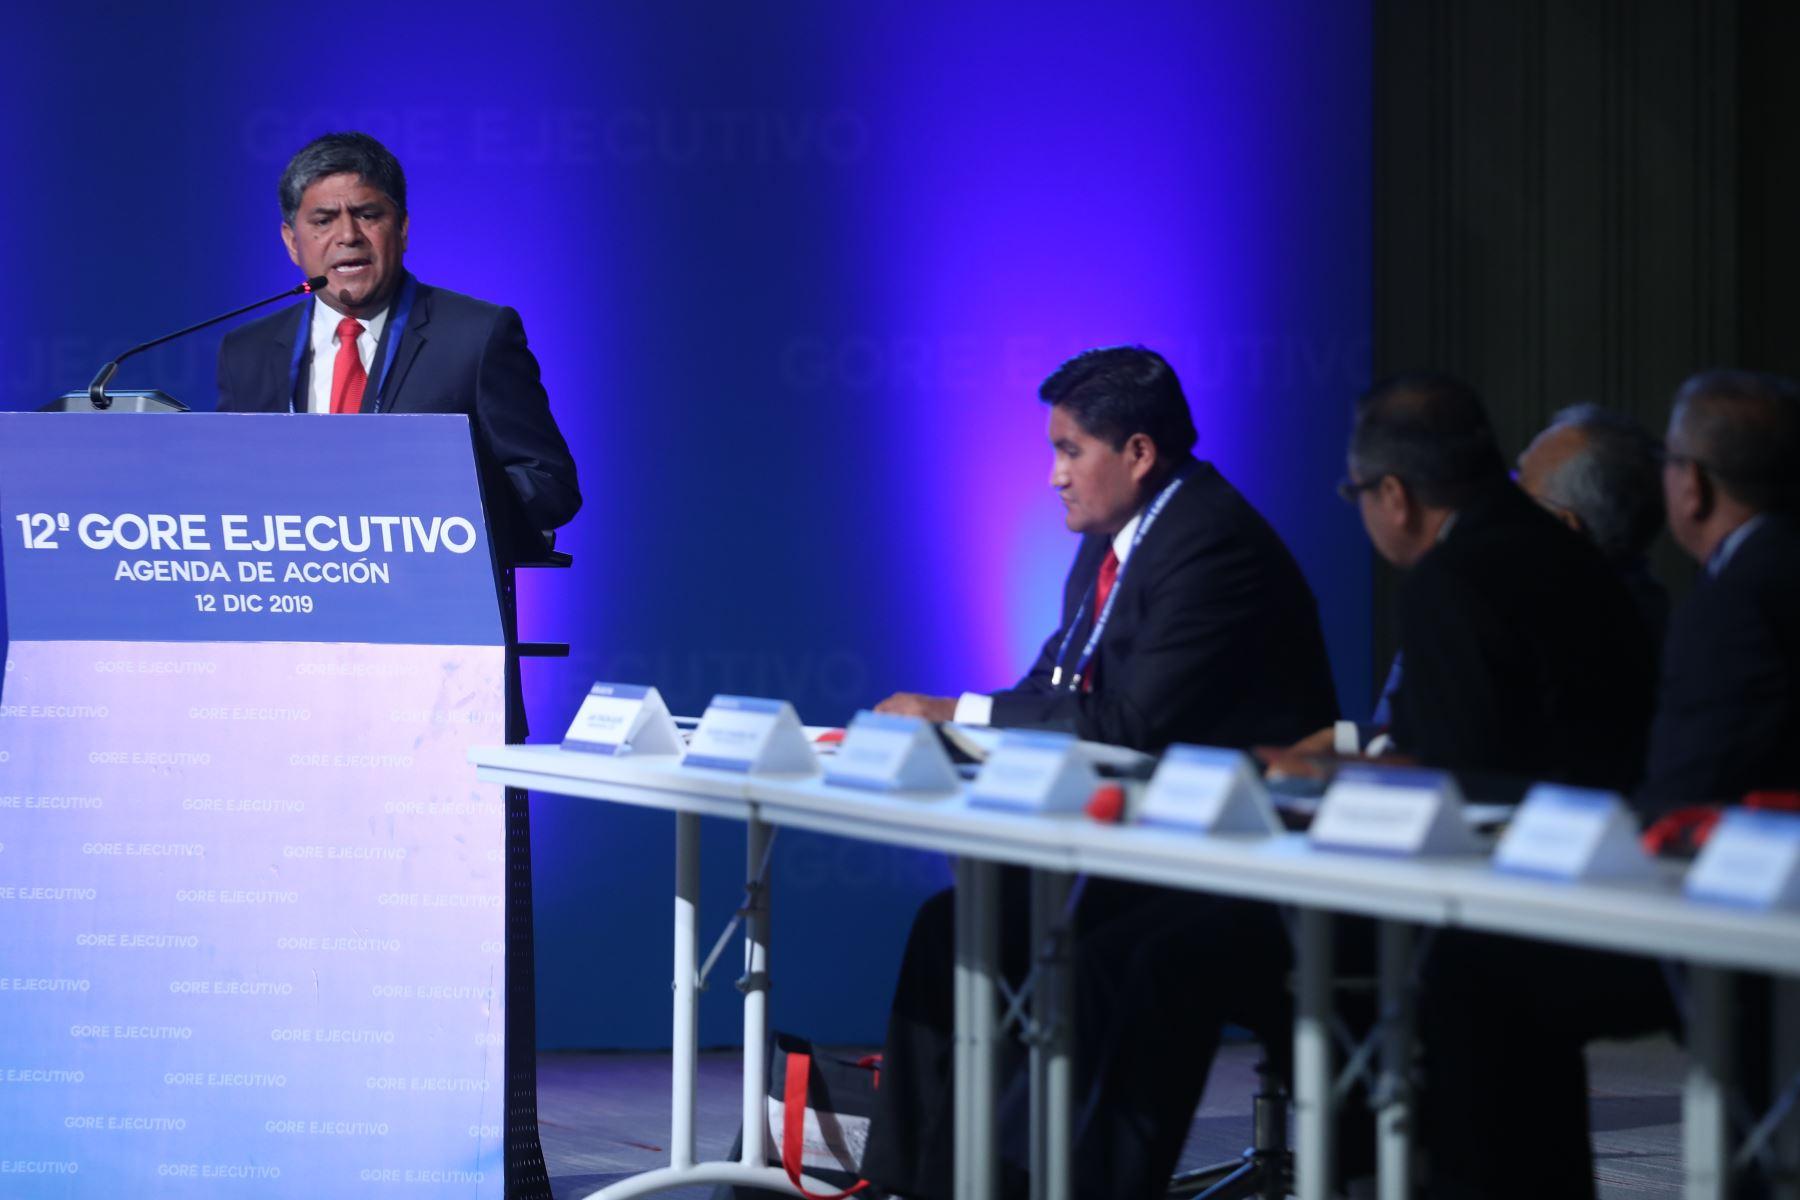 Gobernador Regional de Tacna, Juan Tonconi participa en la 12° Gore Ejecutivo. Foto: ANDINA/Melina Mejía